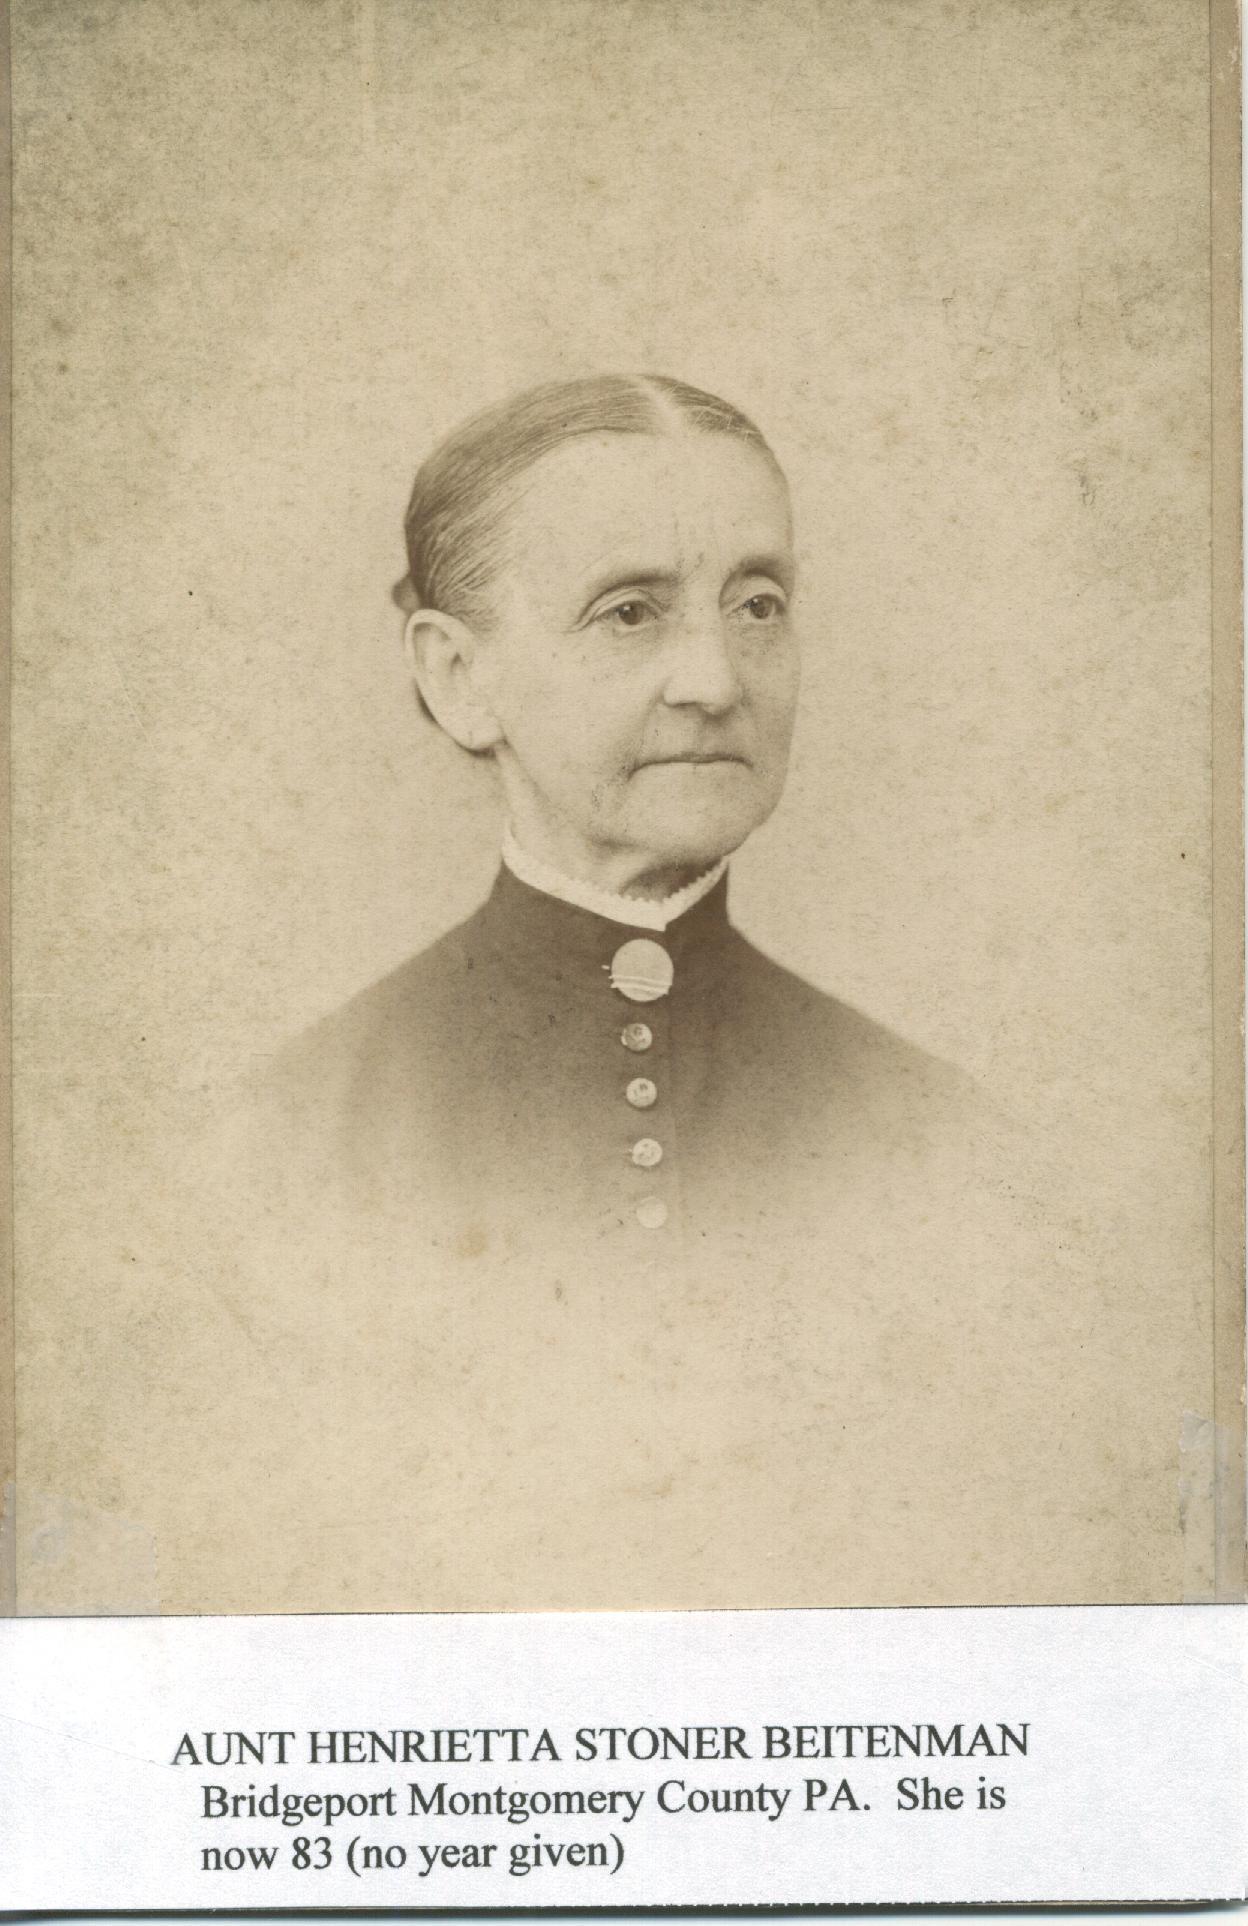 Rebecca Beitenman